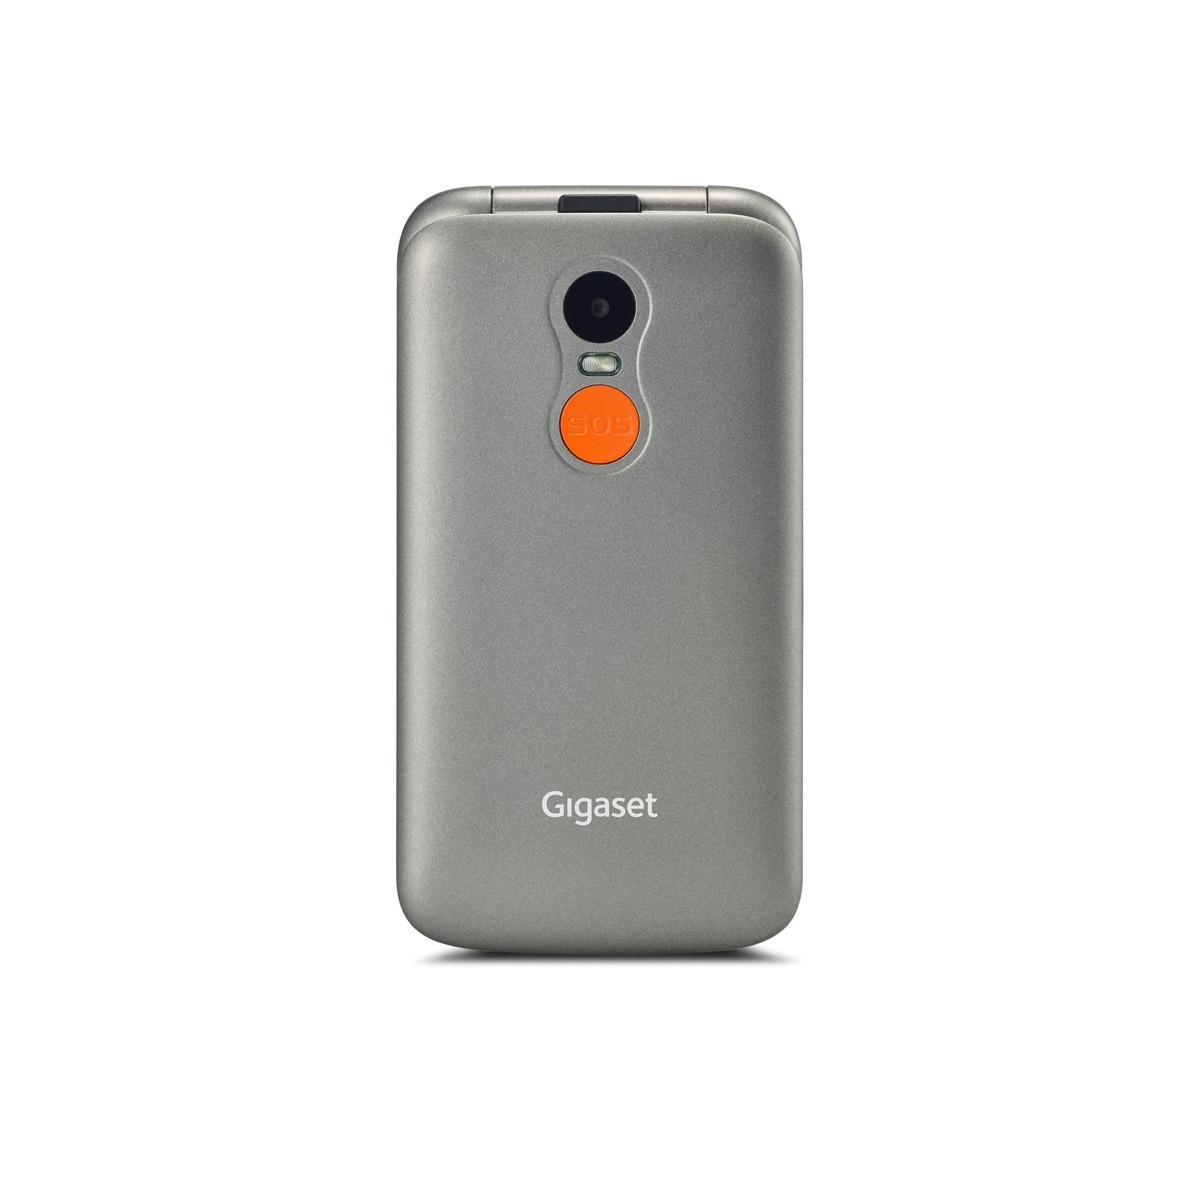 Gigaset GL590